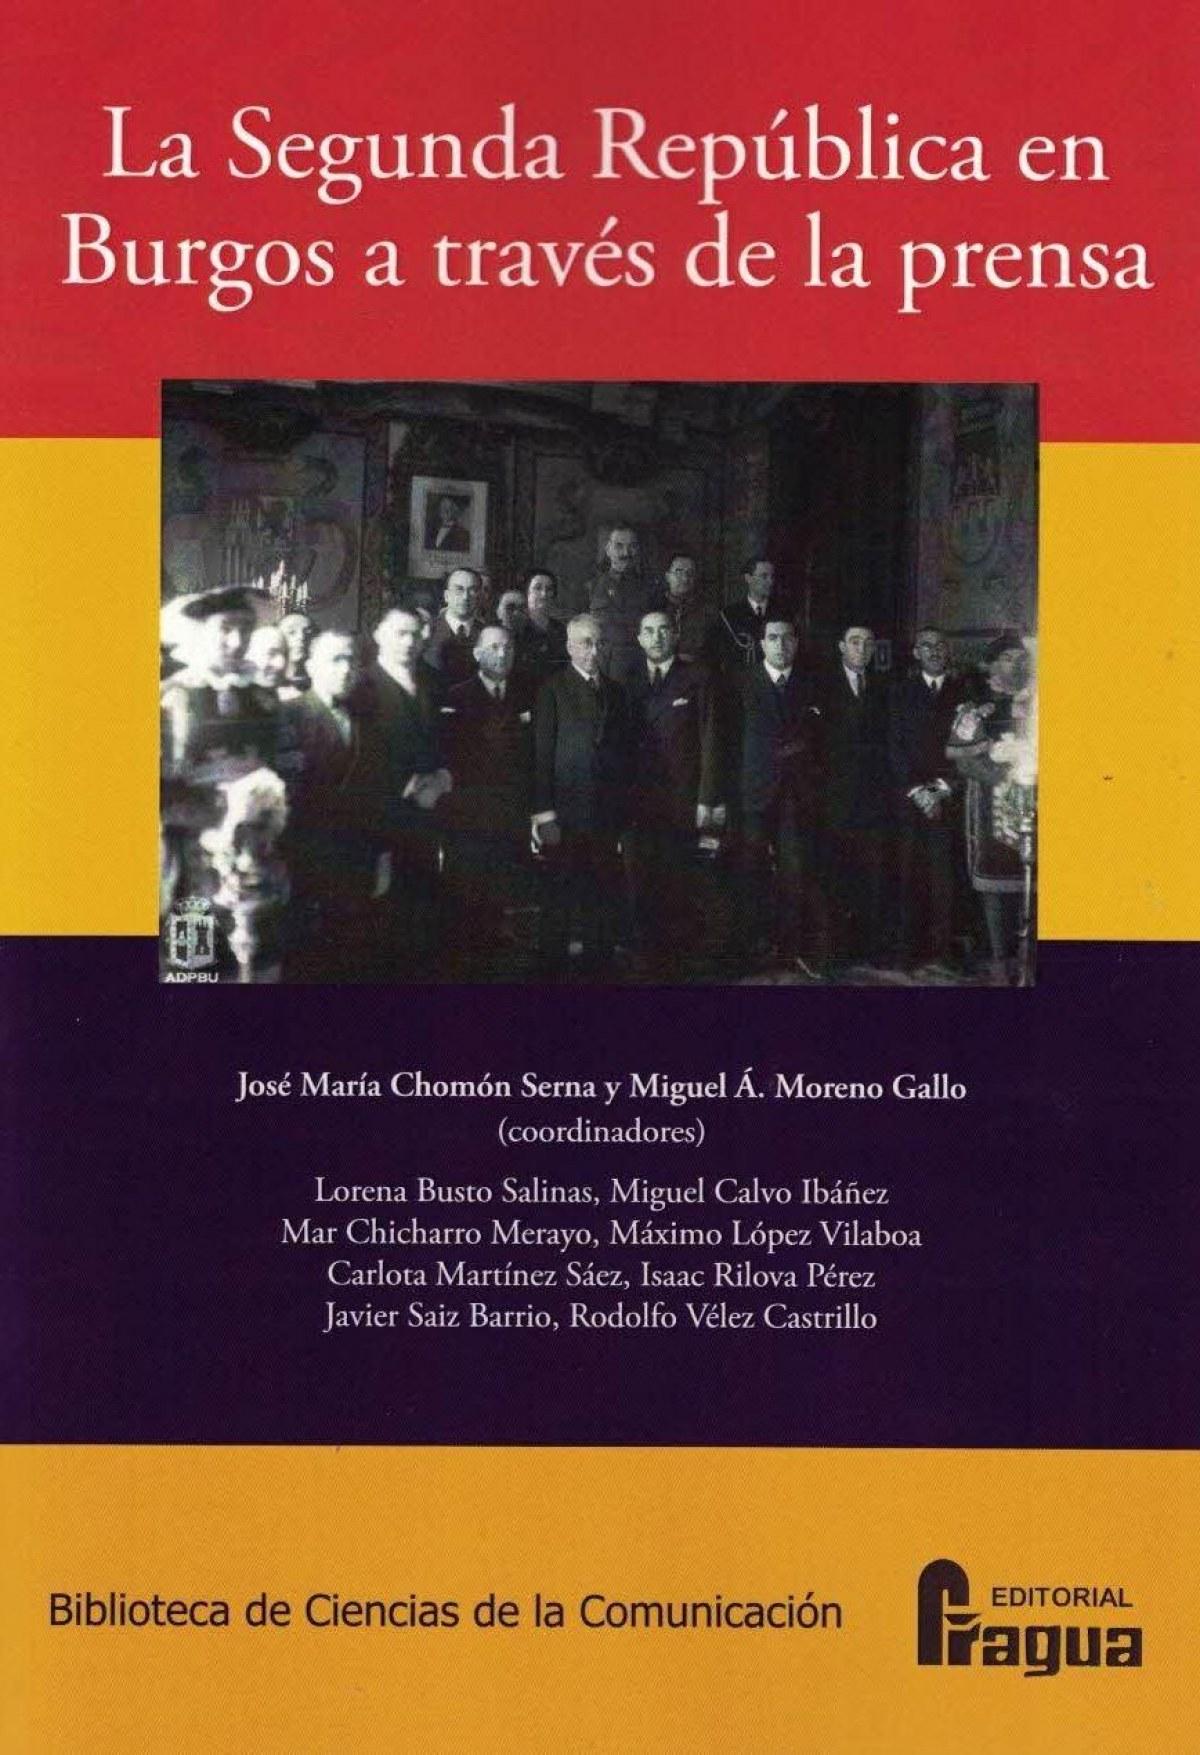 La Segunda República en Burgos a través de la prensa